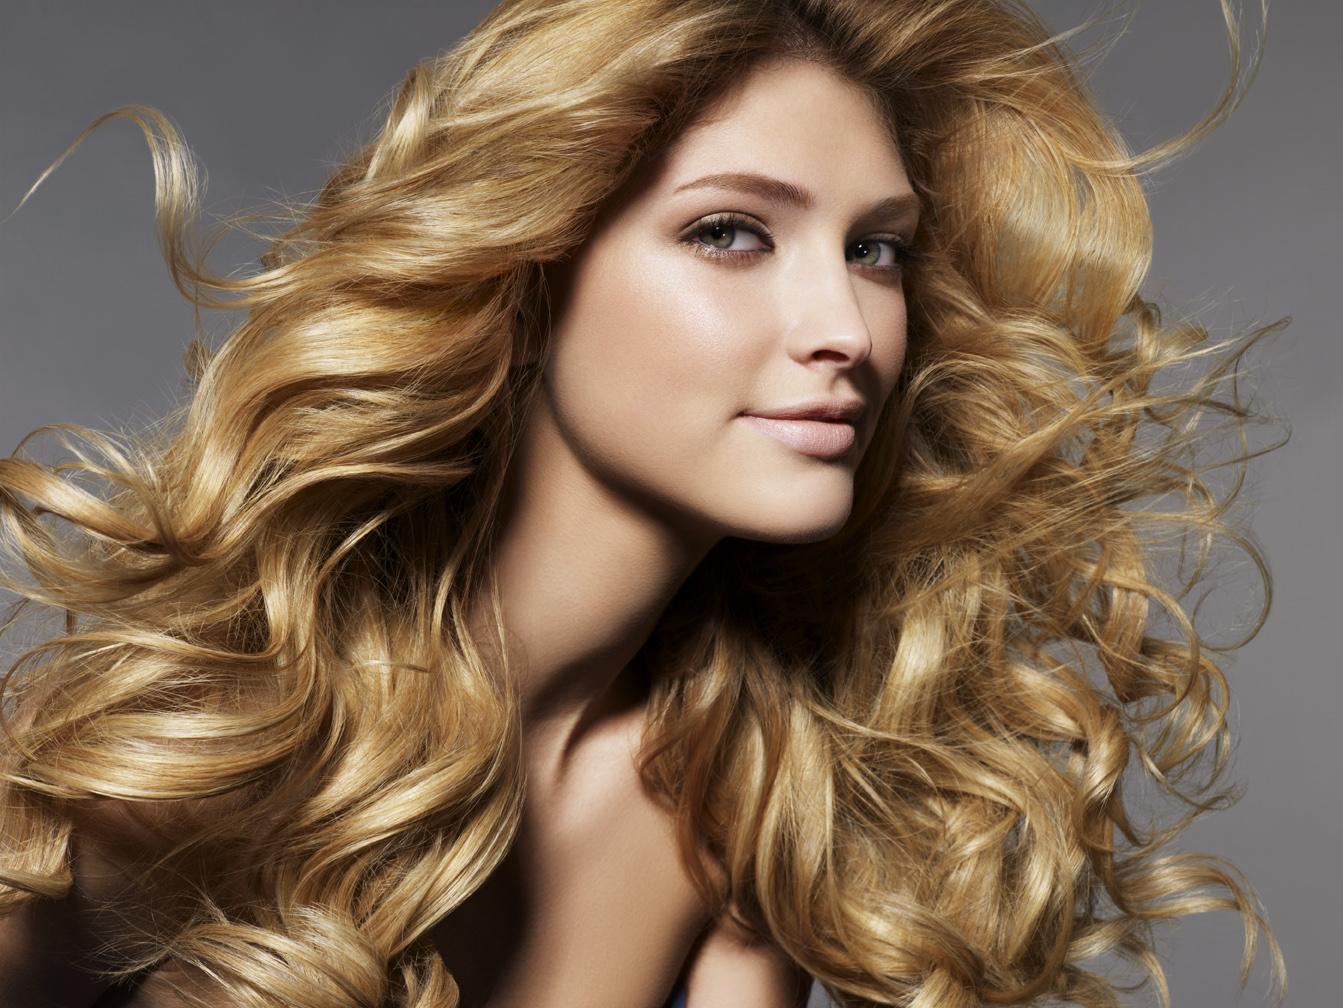 Как сделать волосы густыми: средства и советы - фото №7